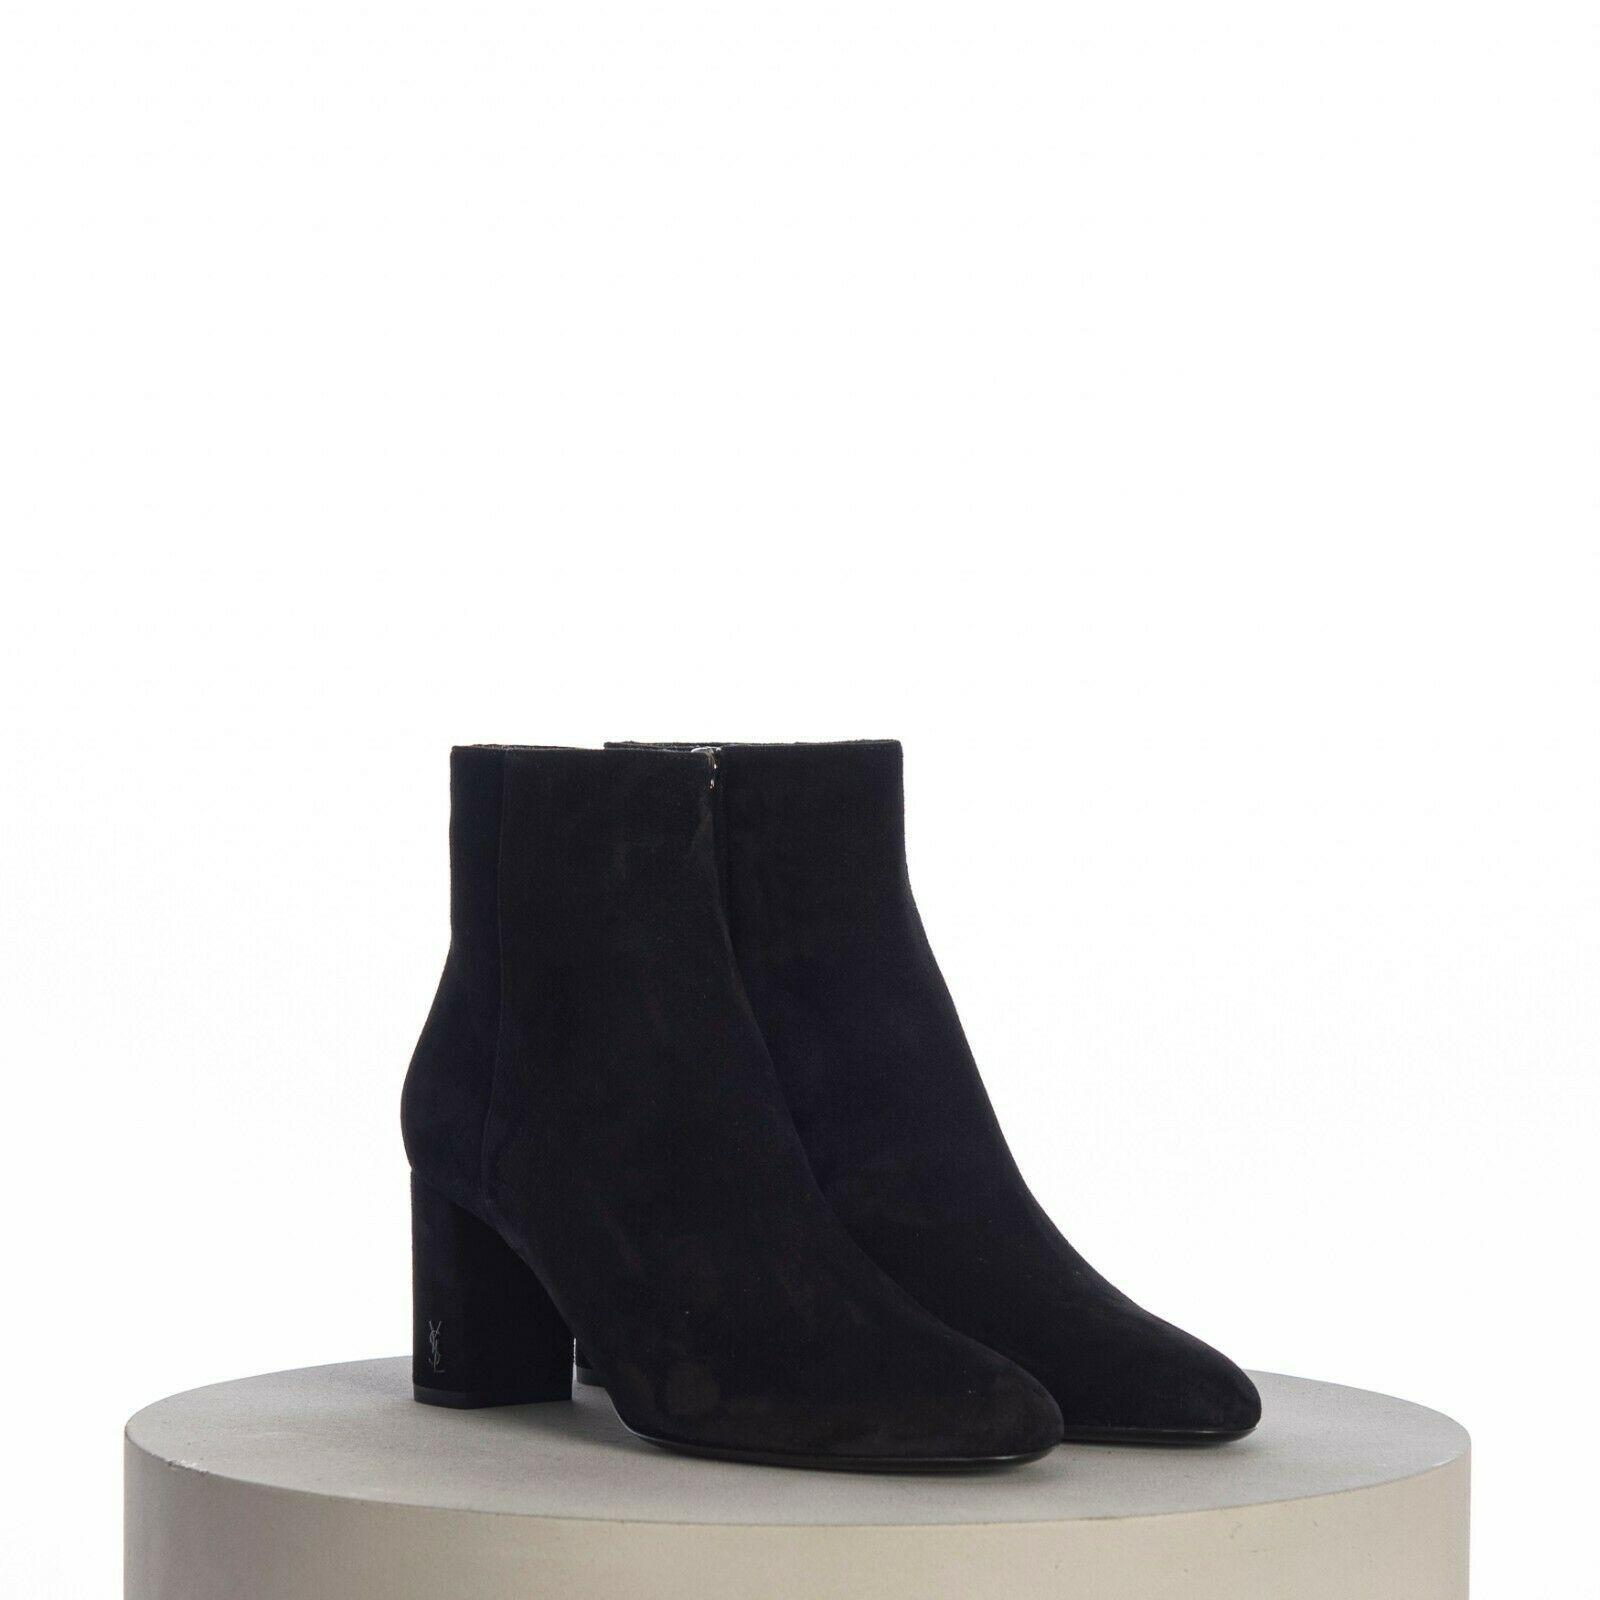 SAINT LAURENT PARIS women Loulou Bootie Black Suede heel high shoes 5